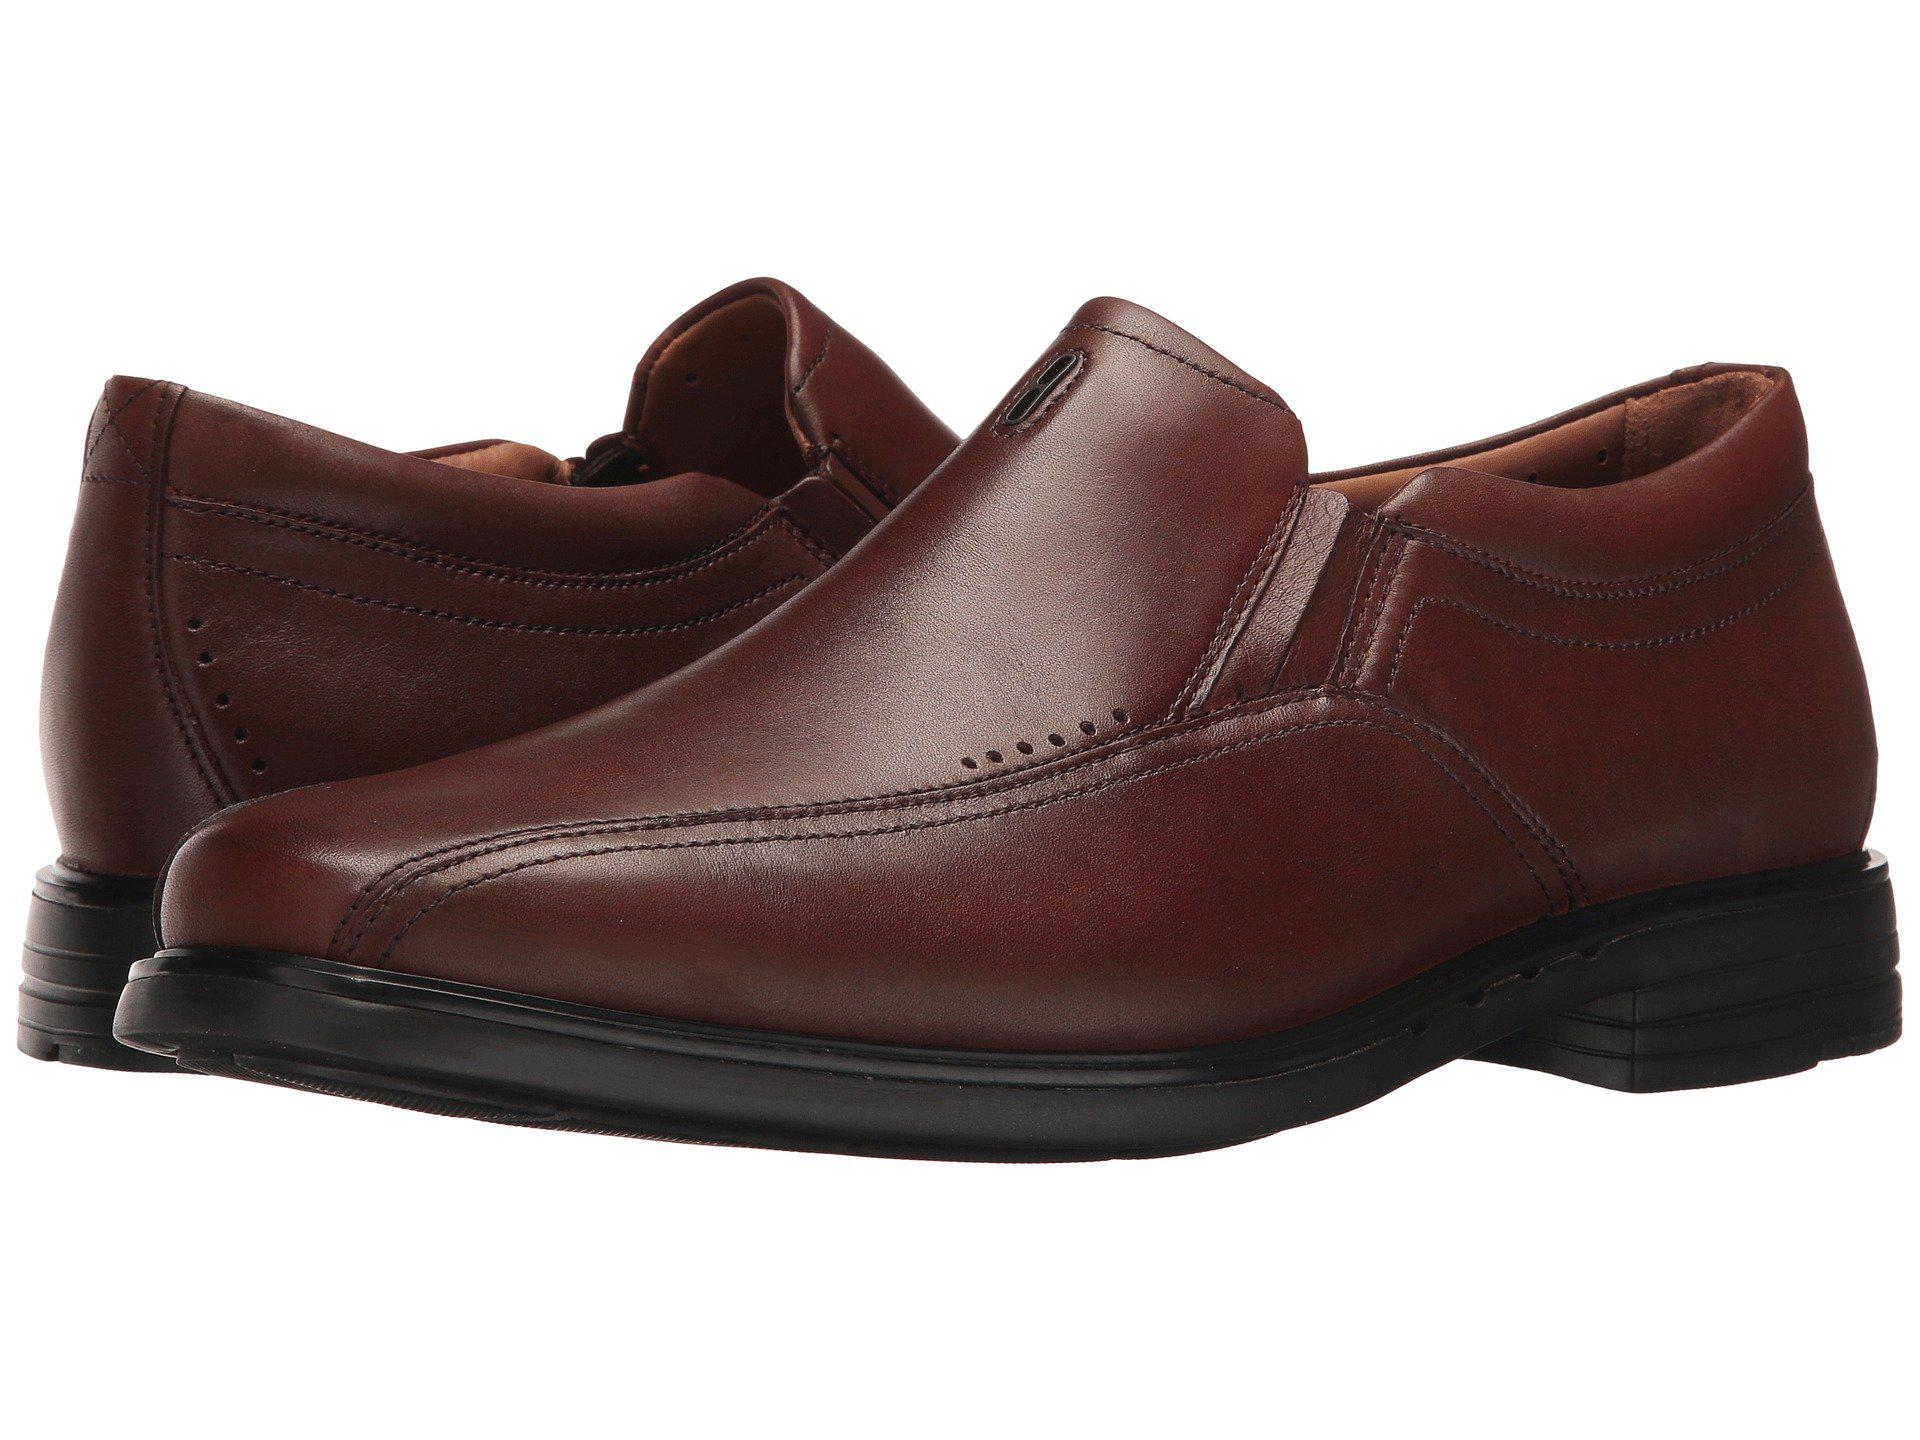 Clarks. Men's Brown Unsheridan Go Slip-on Loafer